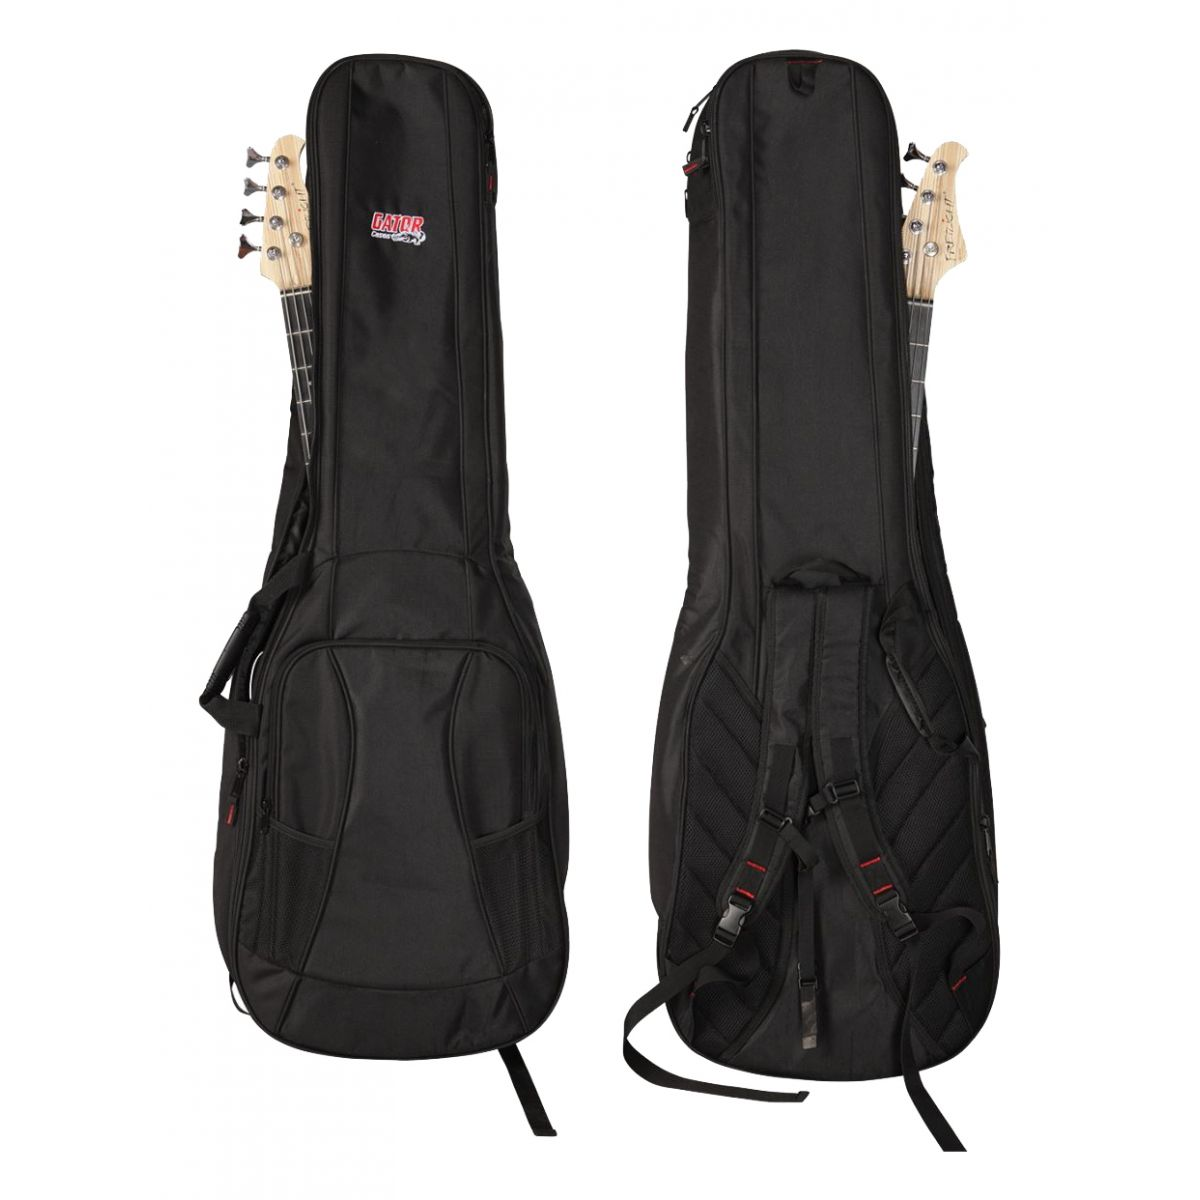 Bag Gator para Baixo GB-4G-Bass - Profissional